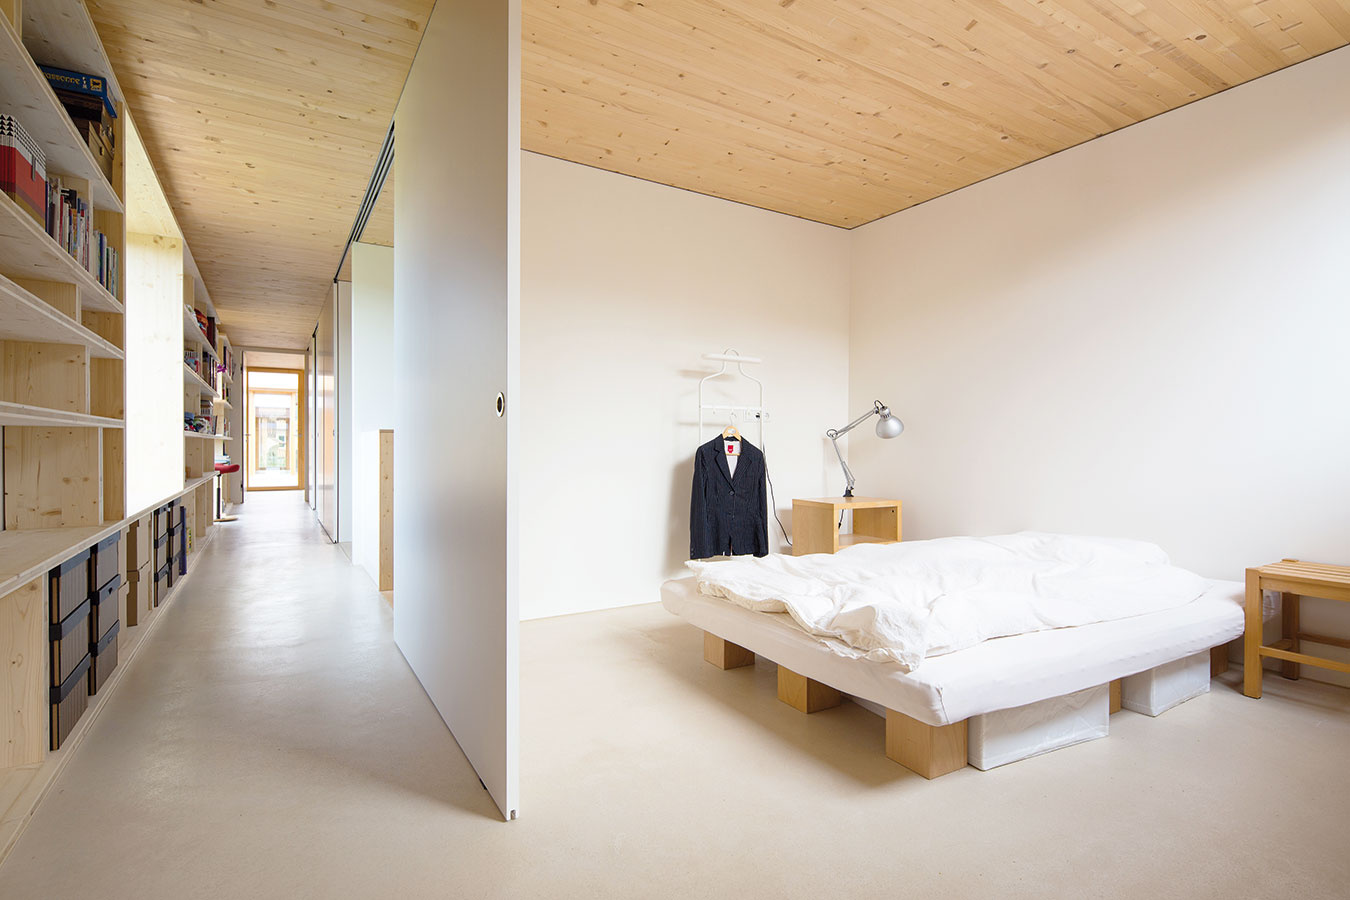 Estetické aj funkčné. Chodba nemusí byť len komunikačným koridorom. Vtomto dome využili vonkajšiu stenu chodby vcelej jej dĺžke na odkladanie, čím dosiahli efekt účelného dizajnu – praktické oživenie. Systém políc ztrojvrstvovej jedľovej biodosky je dielom majiteľov – dizajnérov.